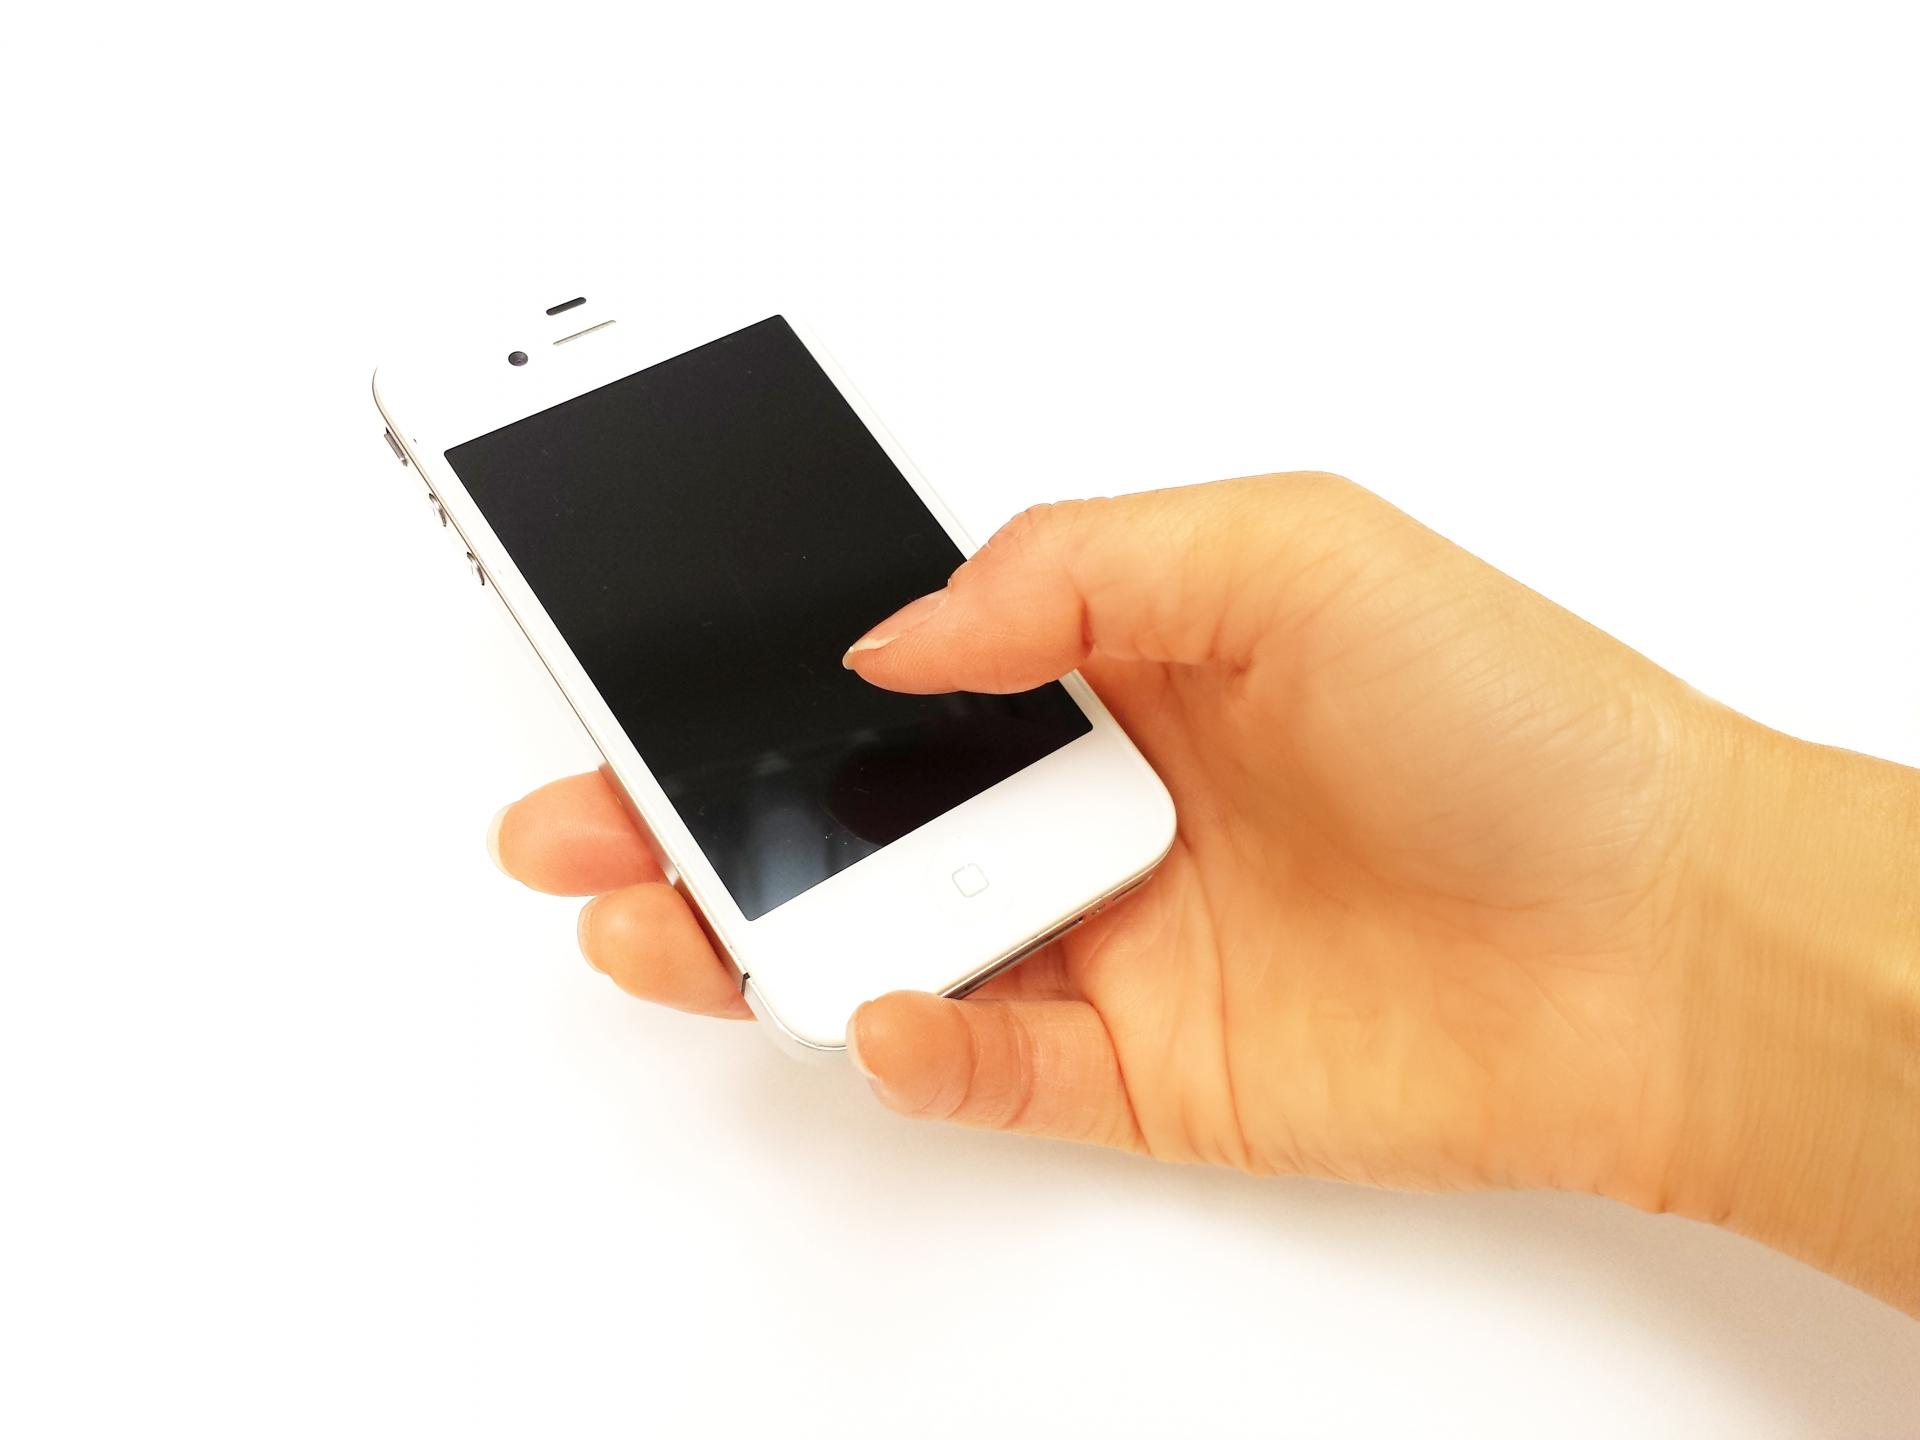 株式会社オークファン、グランドデザイン&カンパニー運営のアプリ「ガッチャモール」を本格展開開始